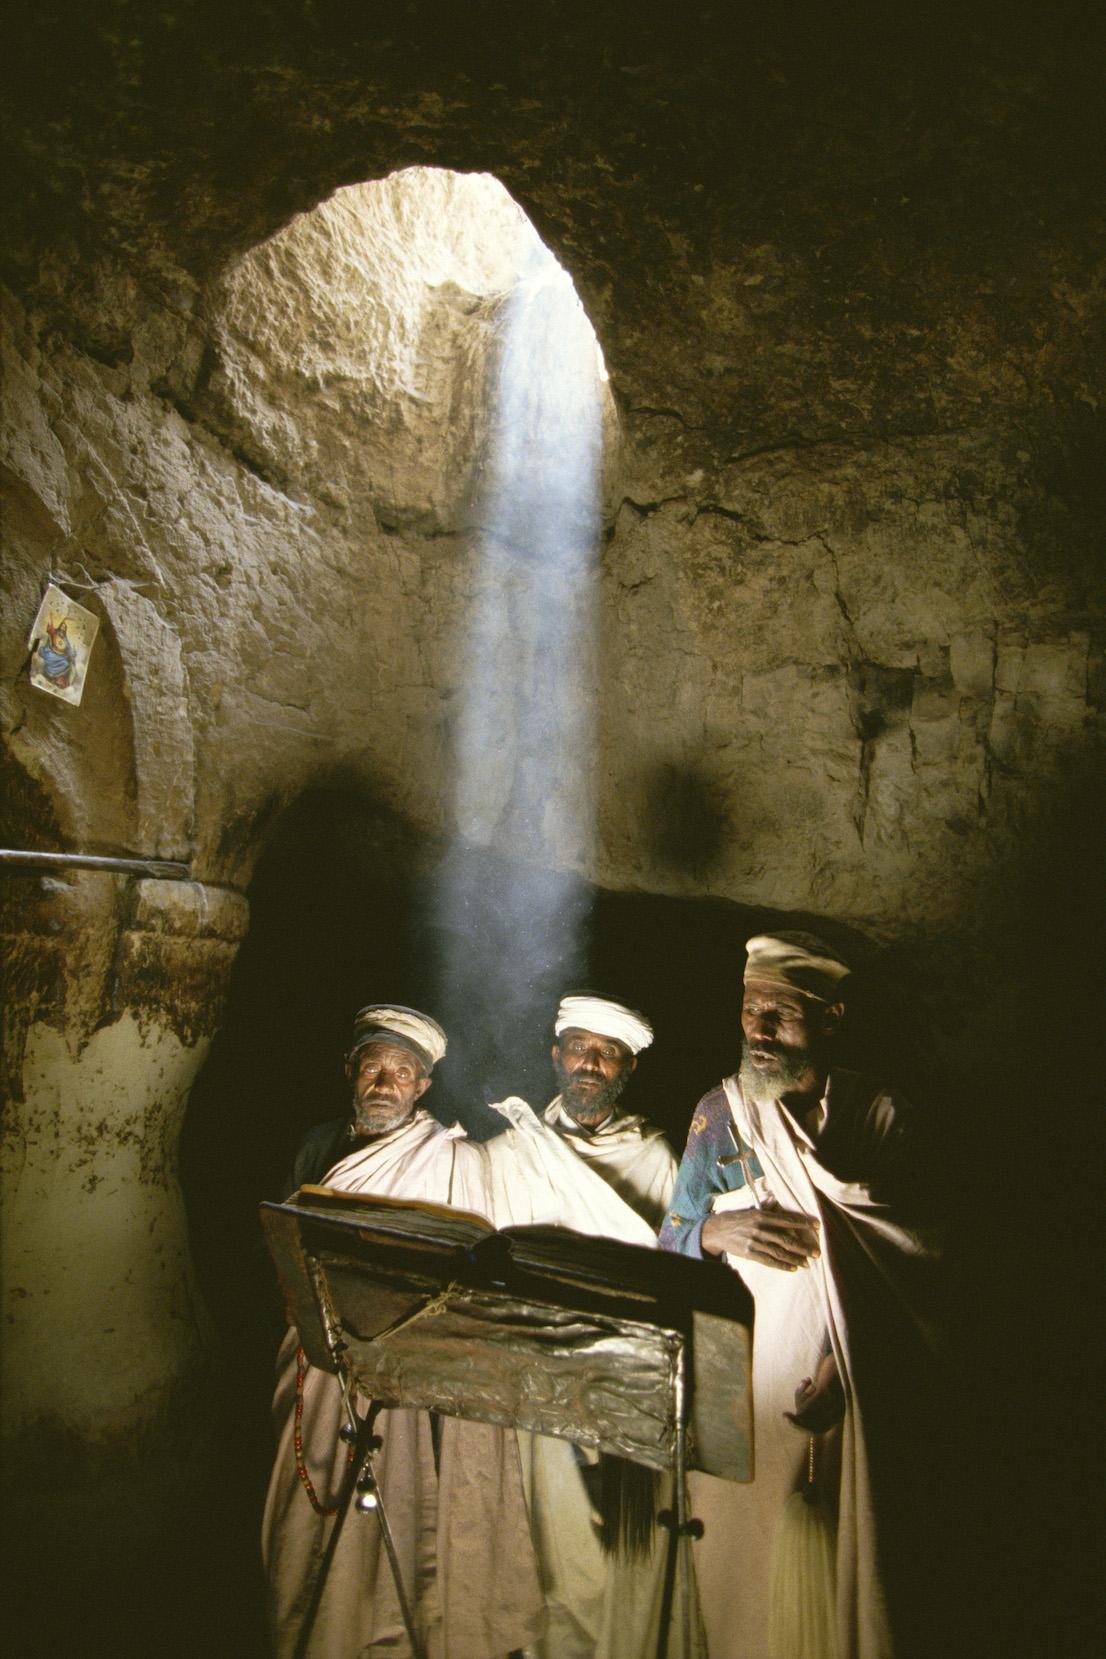 Foto di Kazuyoshi Nomachi. Un gruppo di sacerdoti prega nella chiesa di Abuna Aron poco dopo mezzogiorno, quando da un oculo della volta i raggi del sole scendono a perpendicolo nella chiesa scavata nella roccia. Nei pressi di Lalibela, Etiopia, 1996.